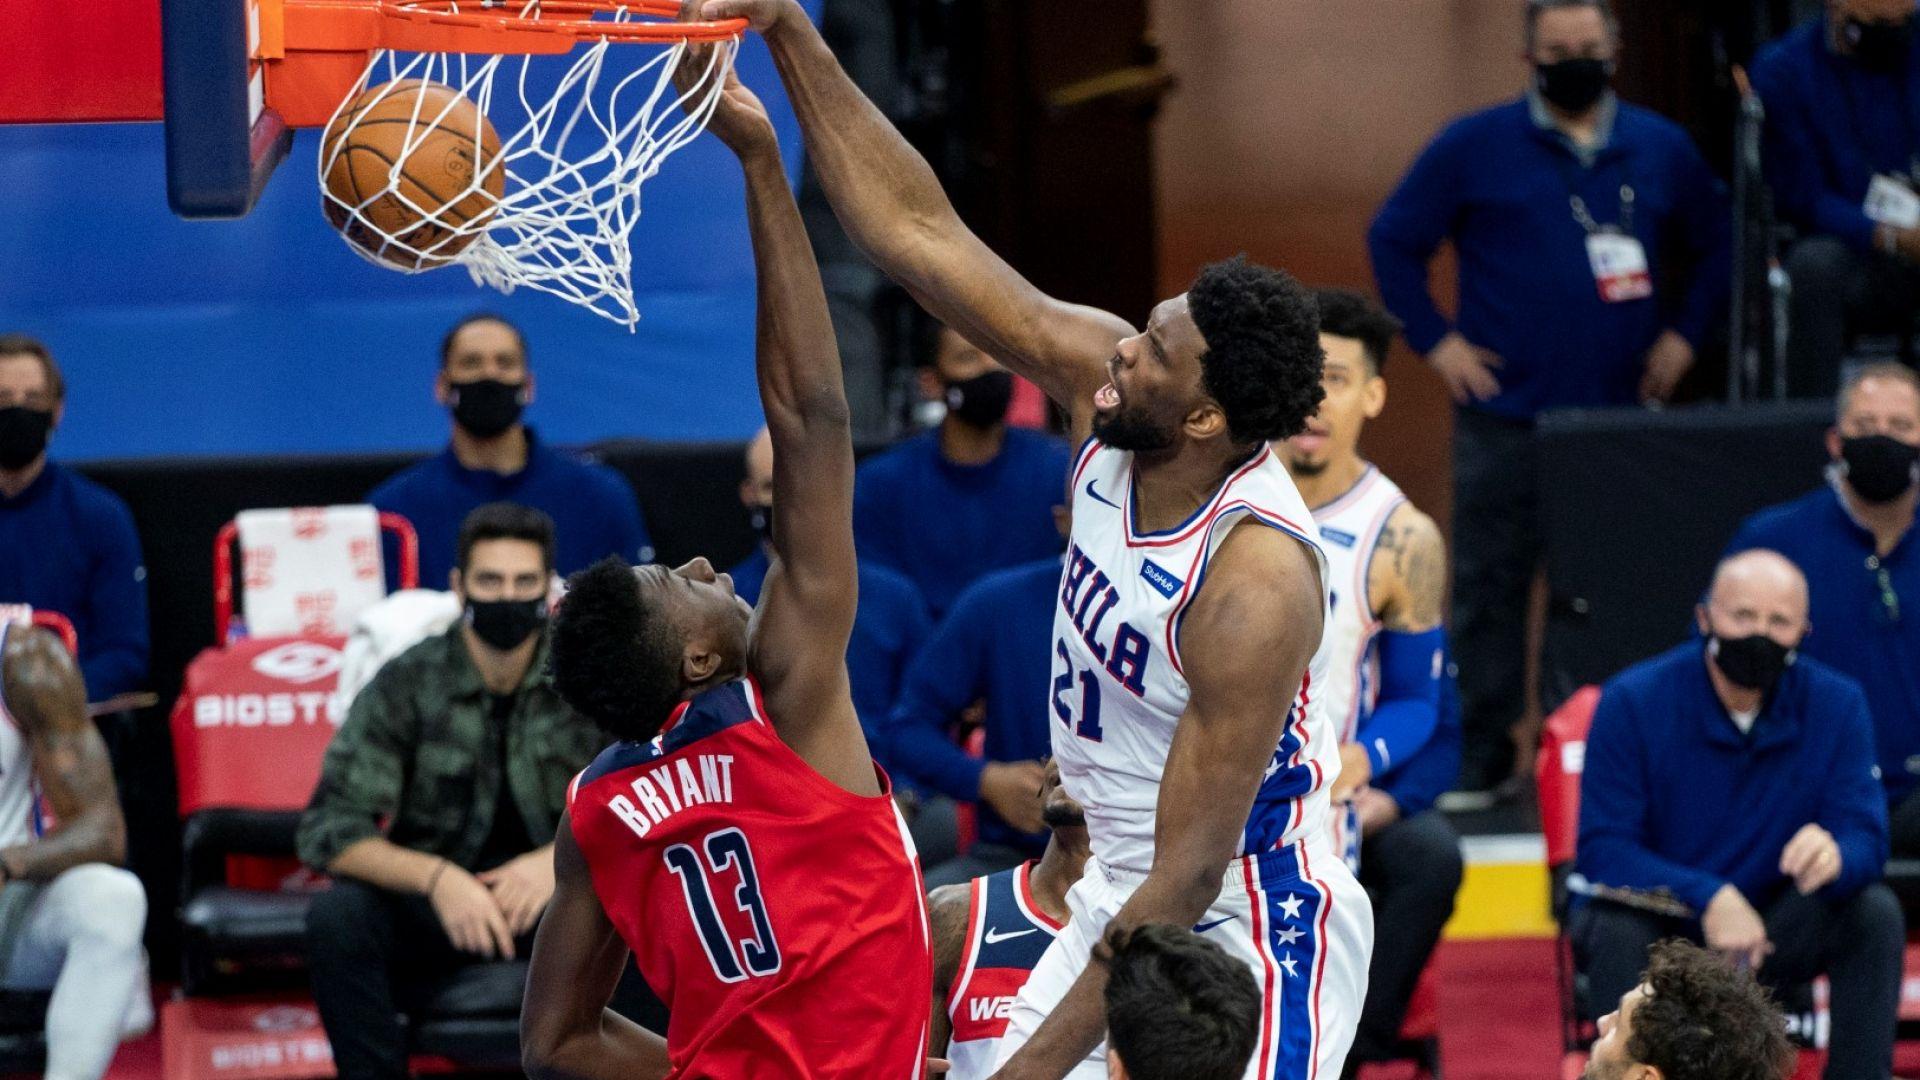 Нощ на политически жестове в НБА - звездата Янис даде сигнал за протест